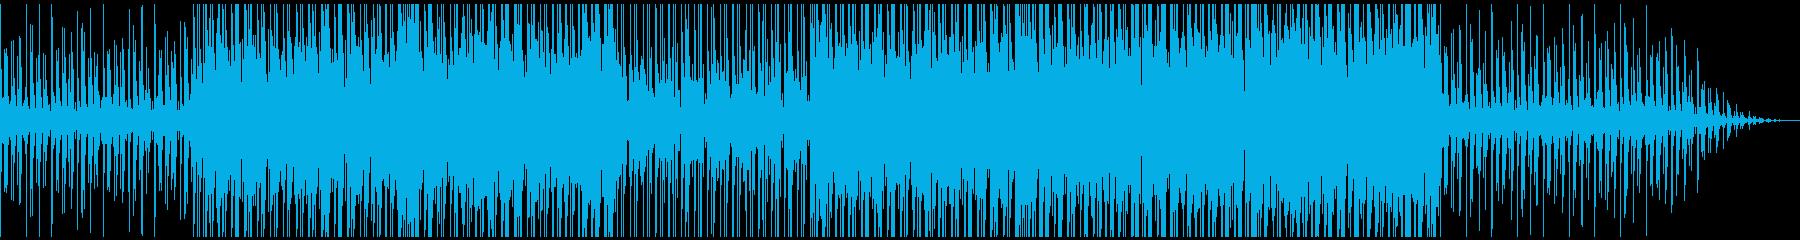 西海岸系IT企業のCMっぽいBGMの再生済みの波形